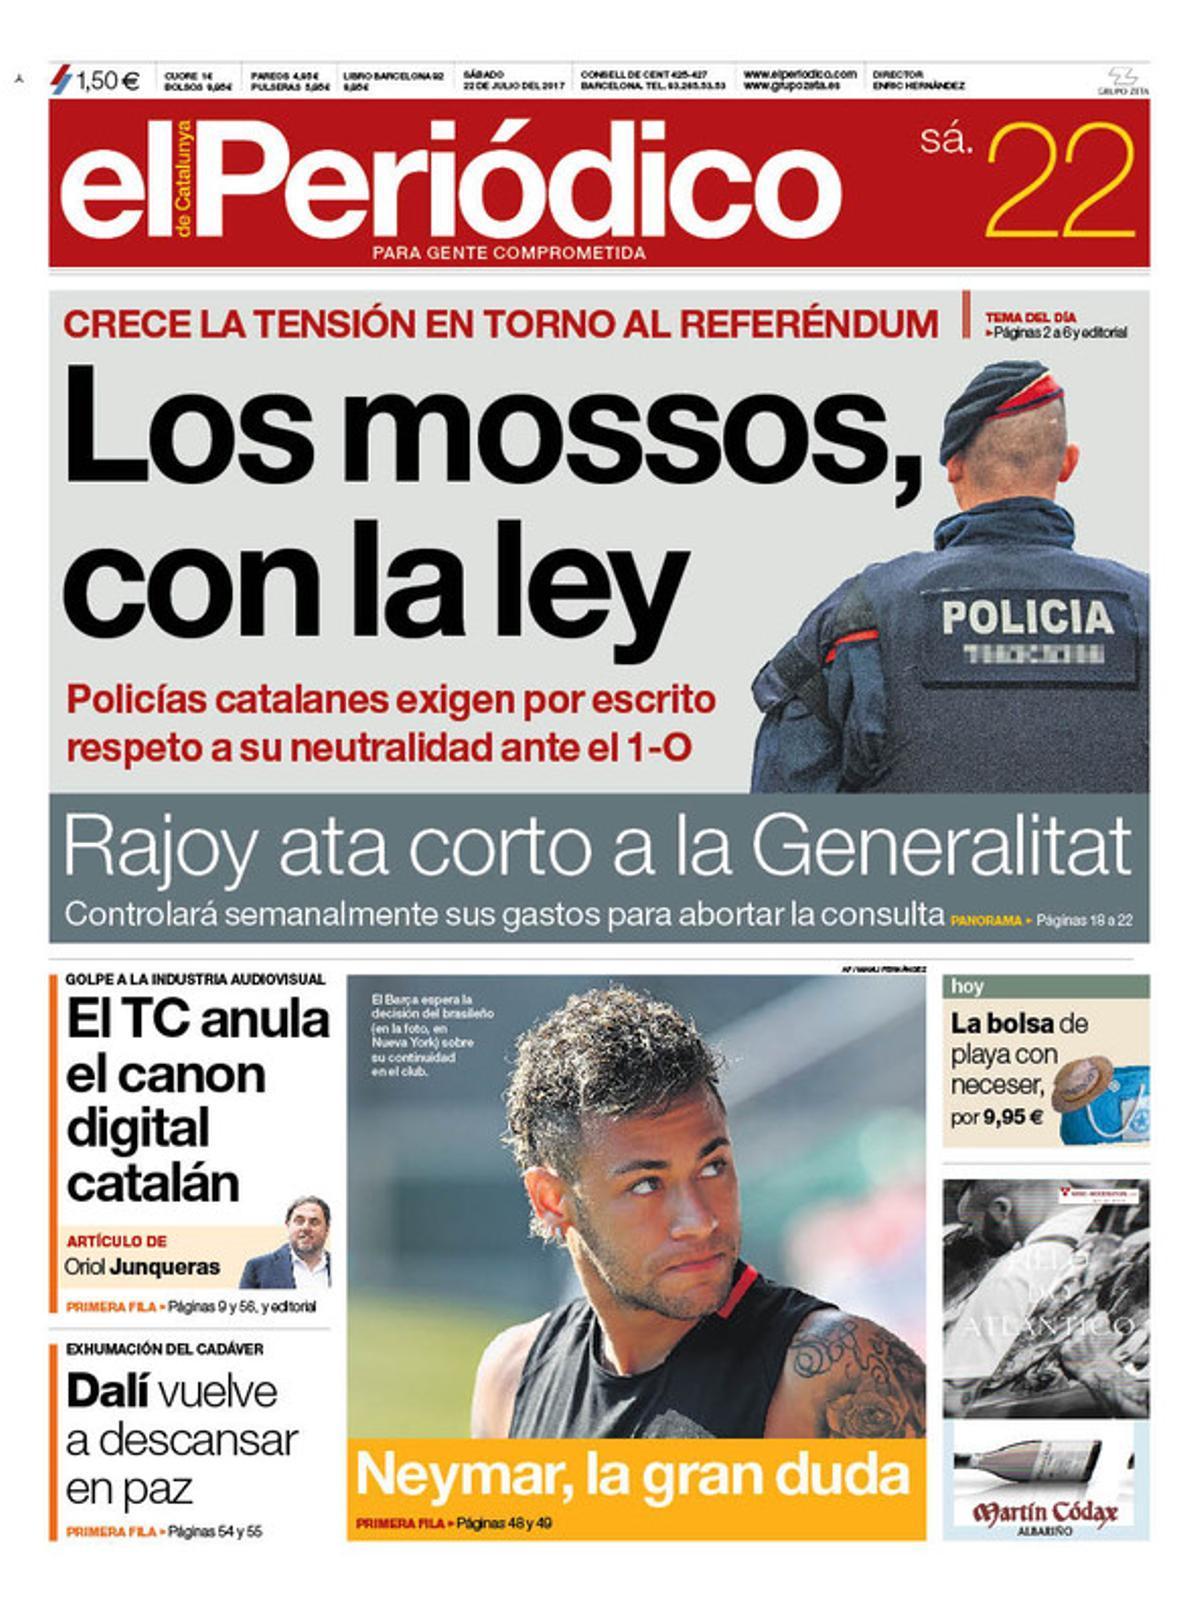 La portada de EL PERIÓDICO del sábado, 22 de julio del 2017.